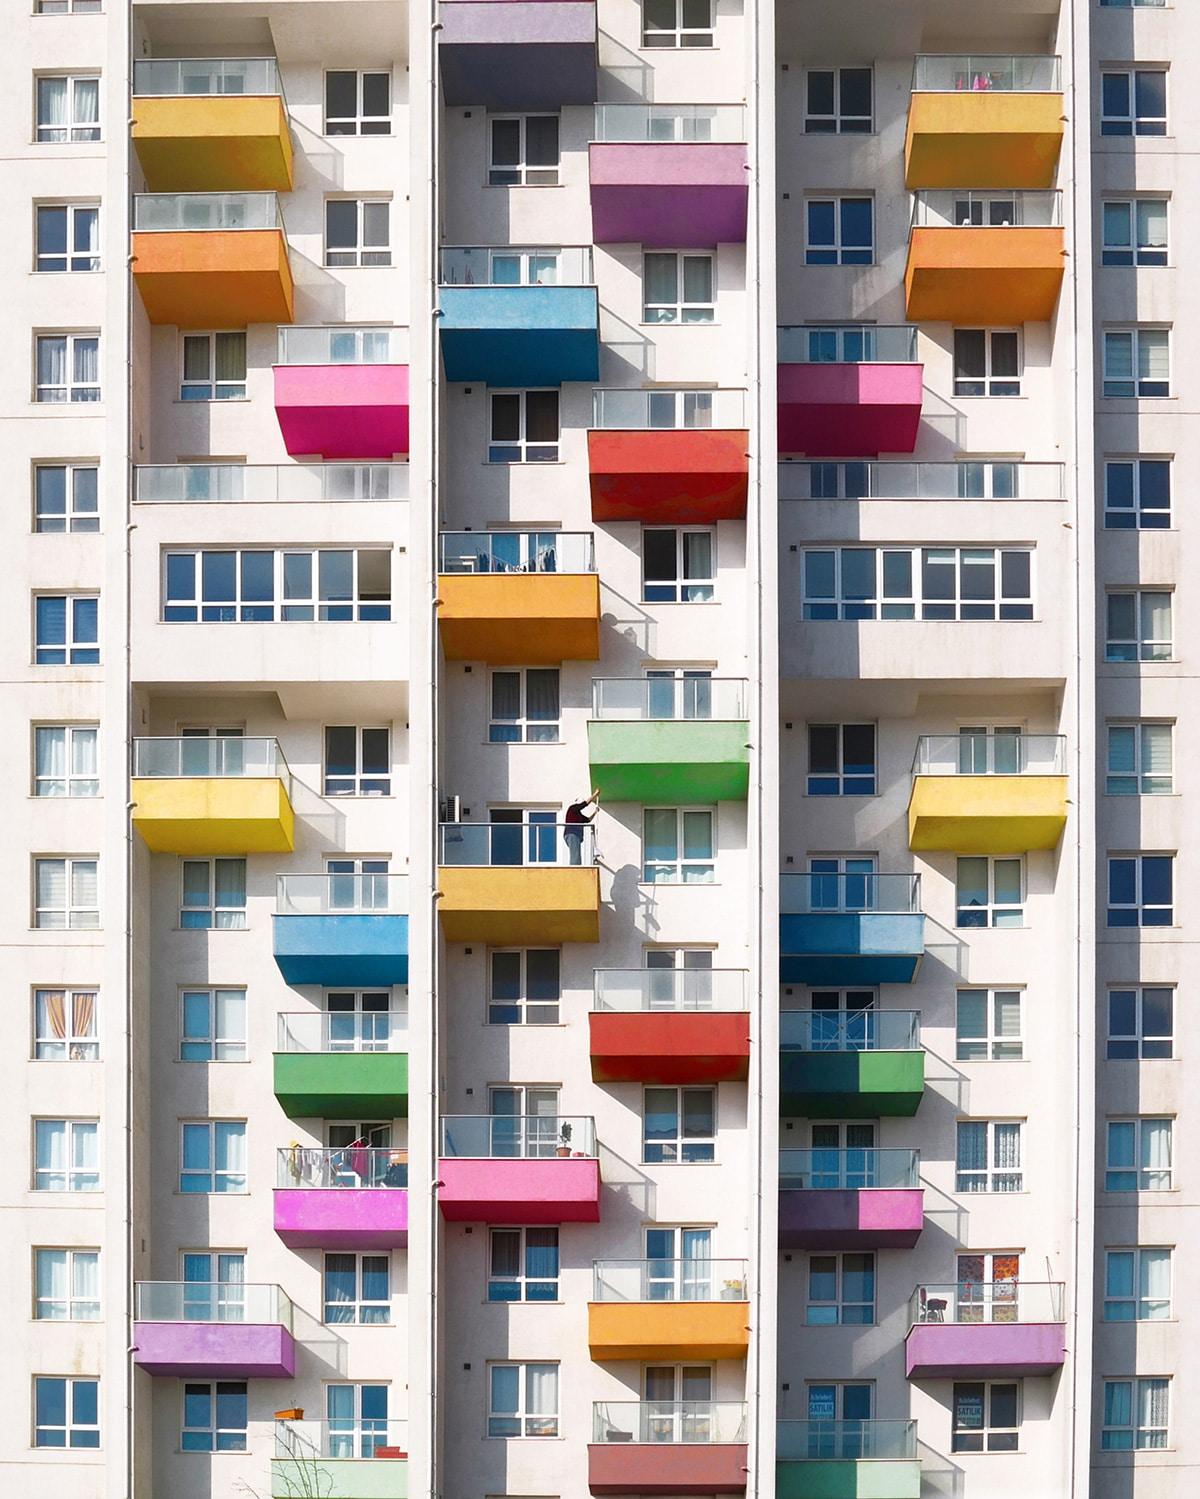 Arquitectura de colores con balcones